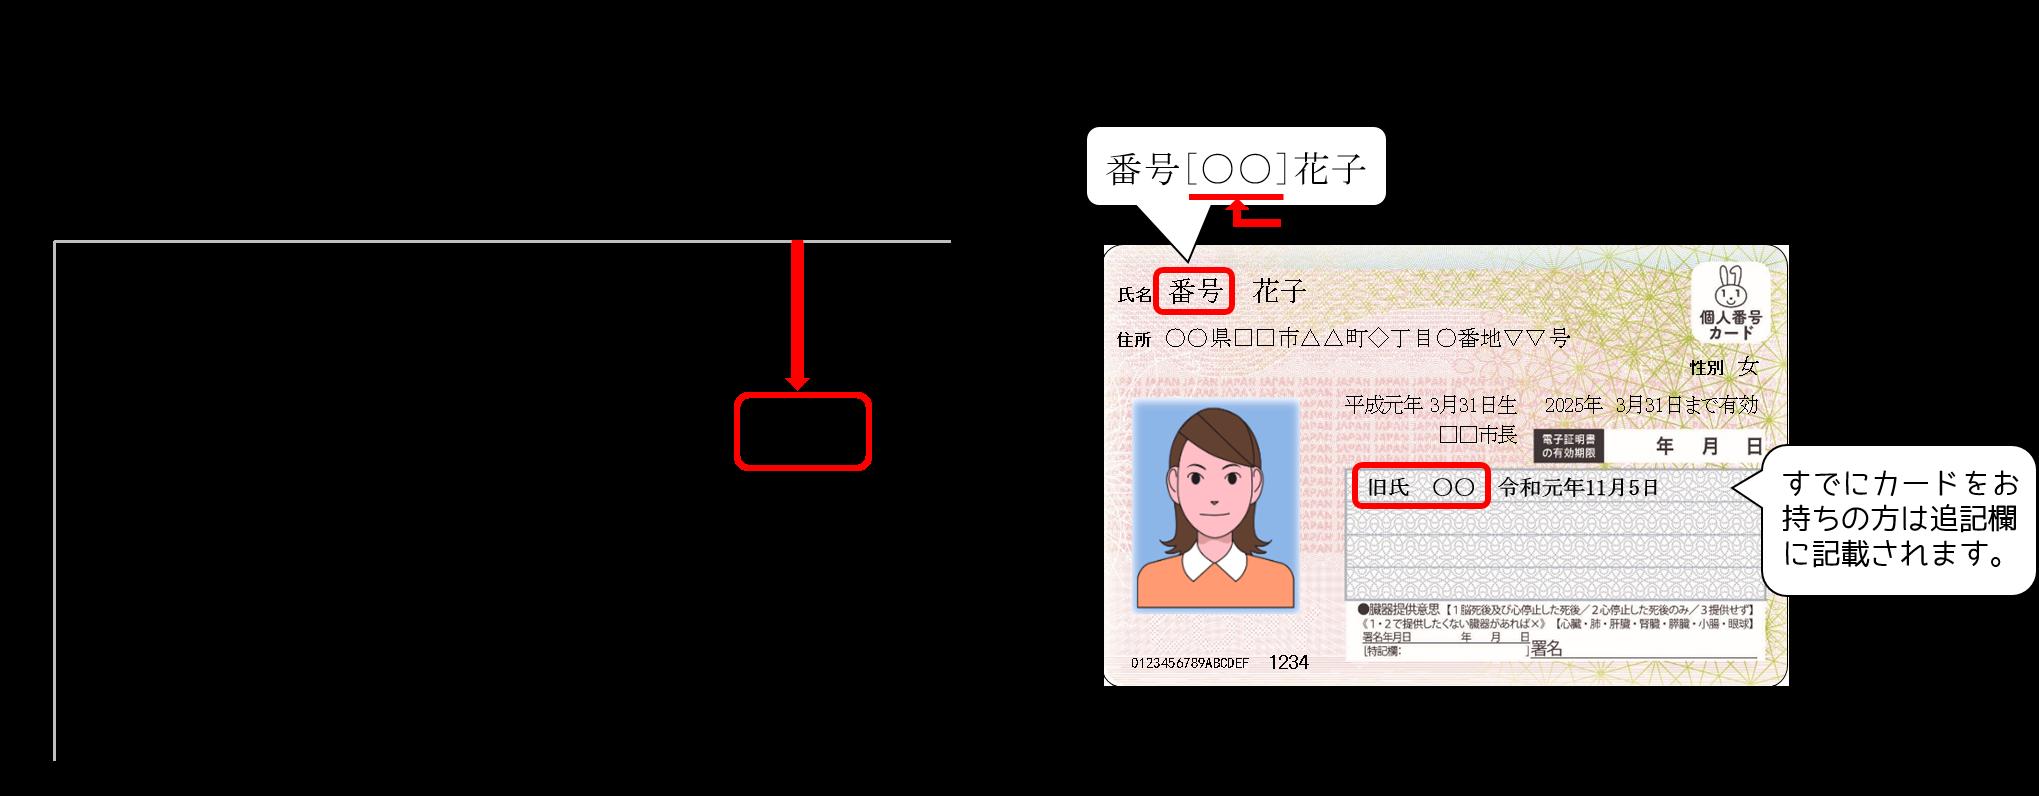 運転 免許 証 旧姓